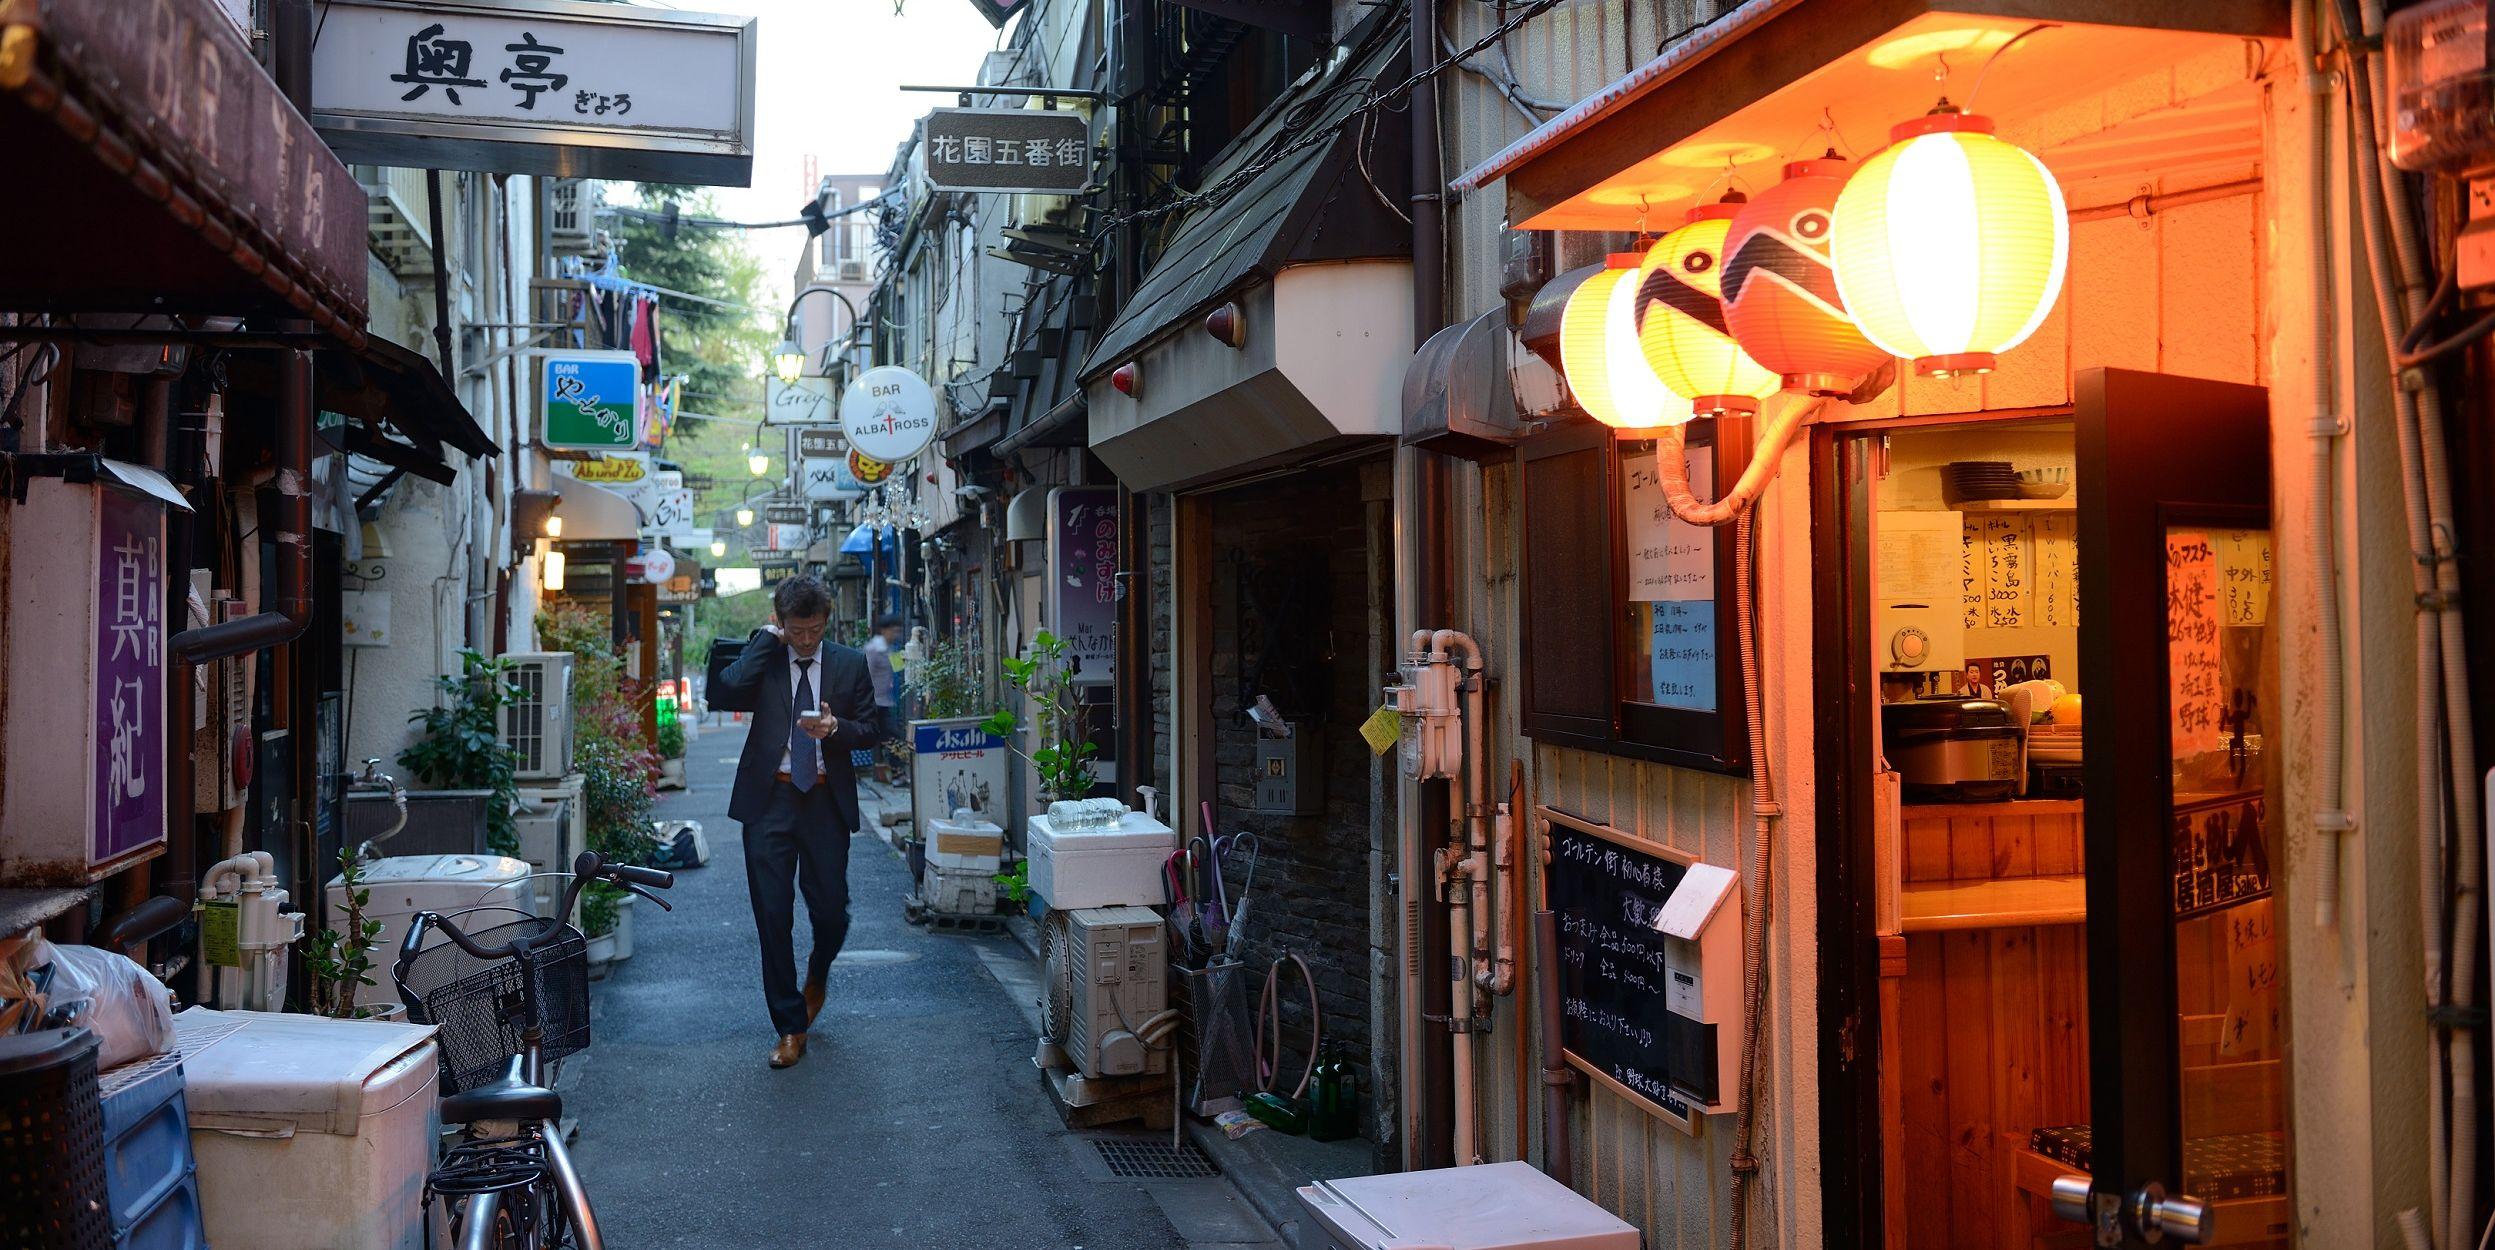 Abbiamo provato il miglior ramen di Tokyo (e quindi del mondo)